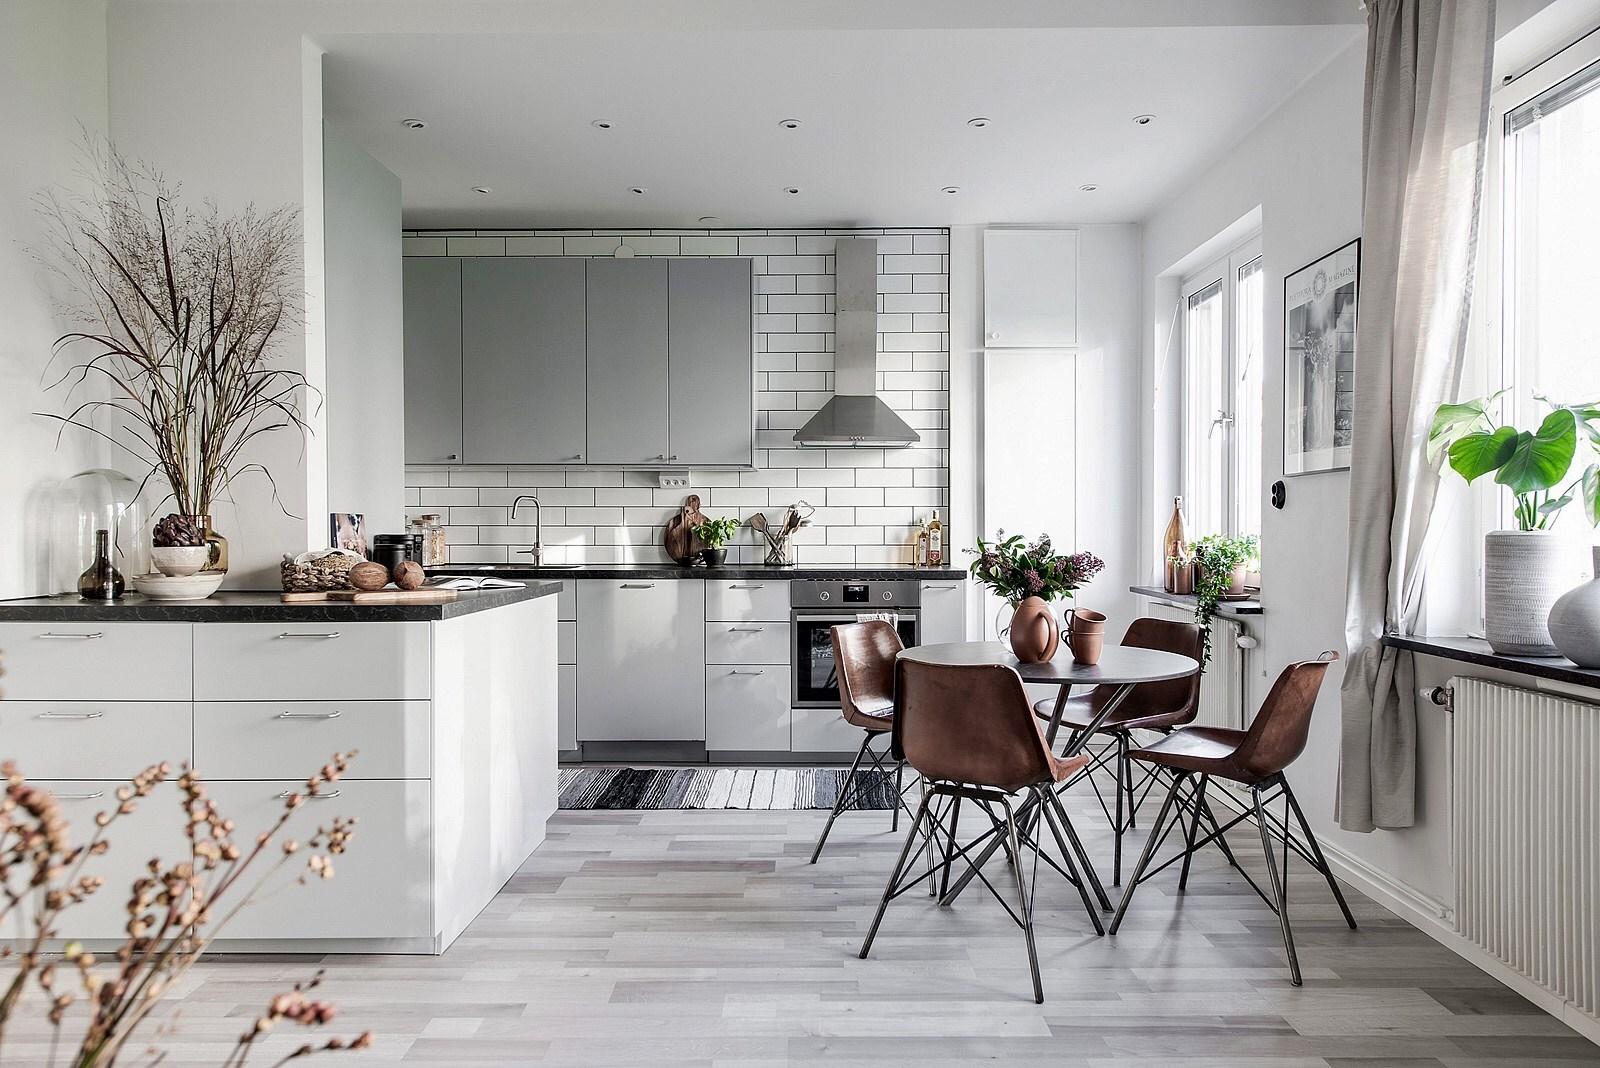 Amenajare scandinavă cu bucătărie deschisă către living într-un apartament de 60 m²